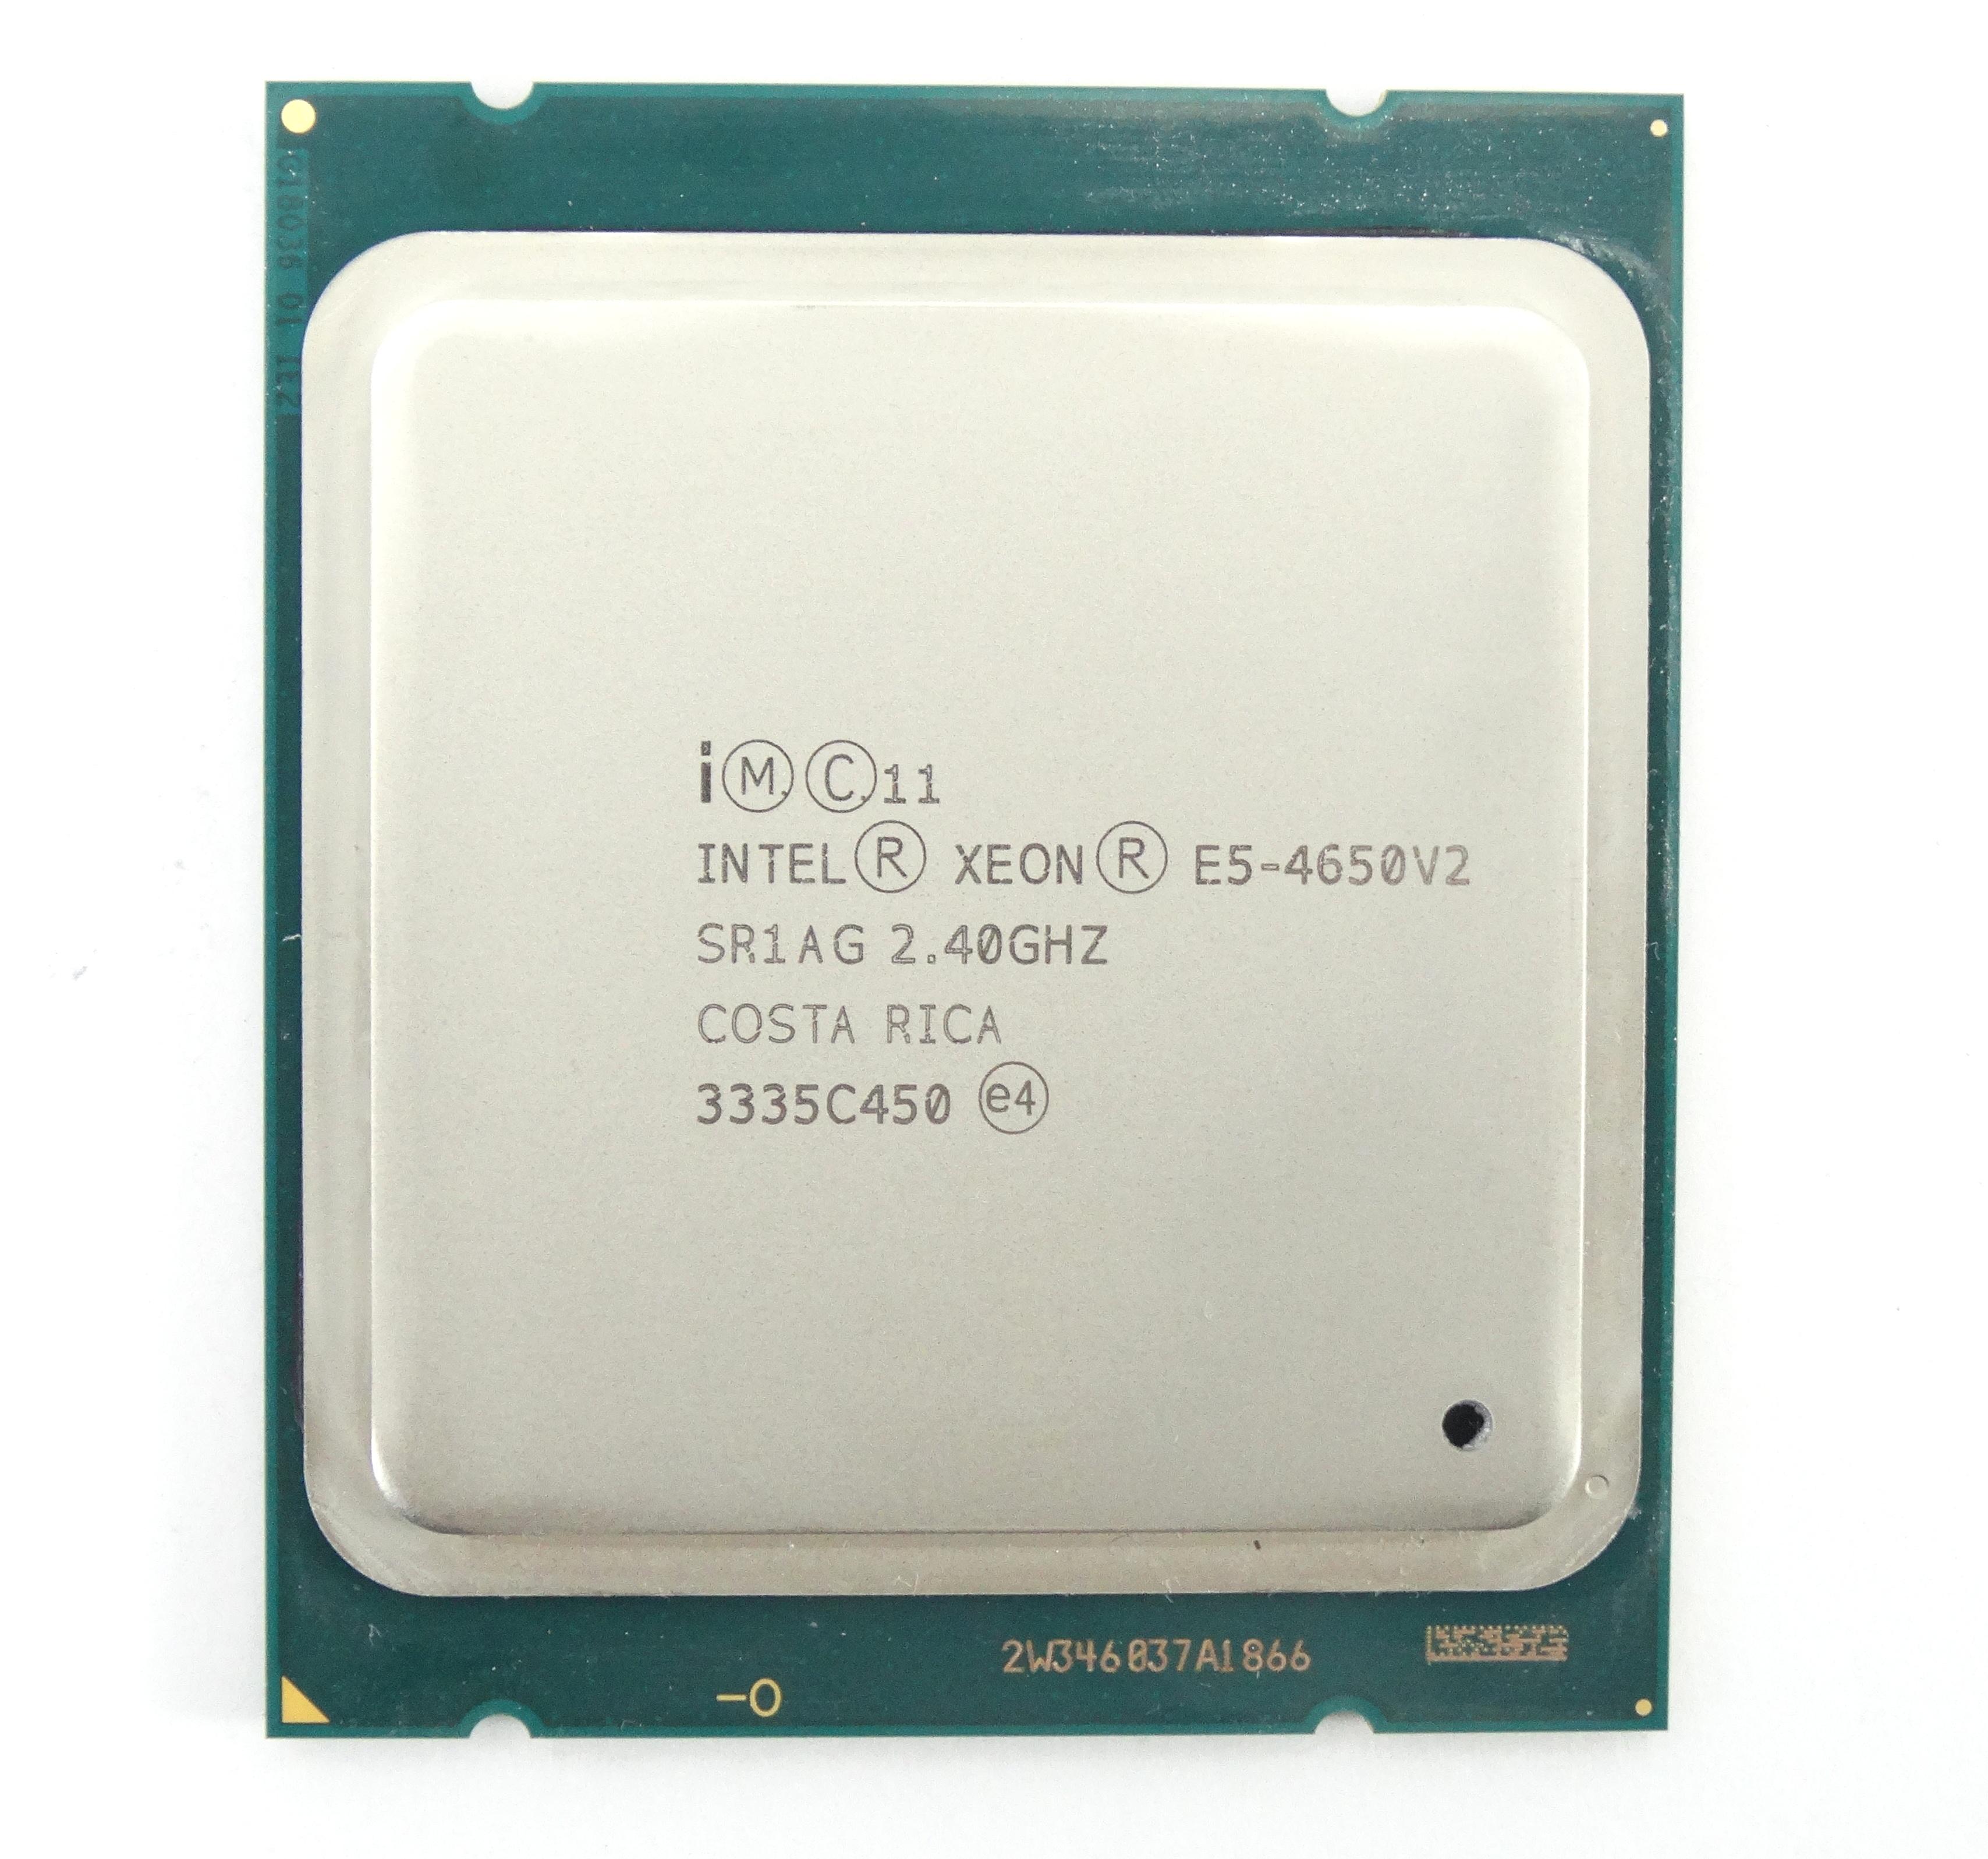 INTEL XEON E5-4650V2 2.4GHZ 10 CORE 25MB CACHE LGA2011 PROCESSOR (SR1AG)